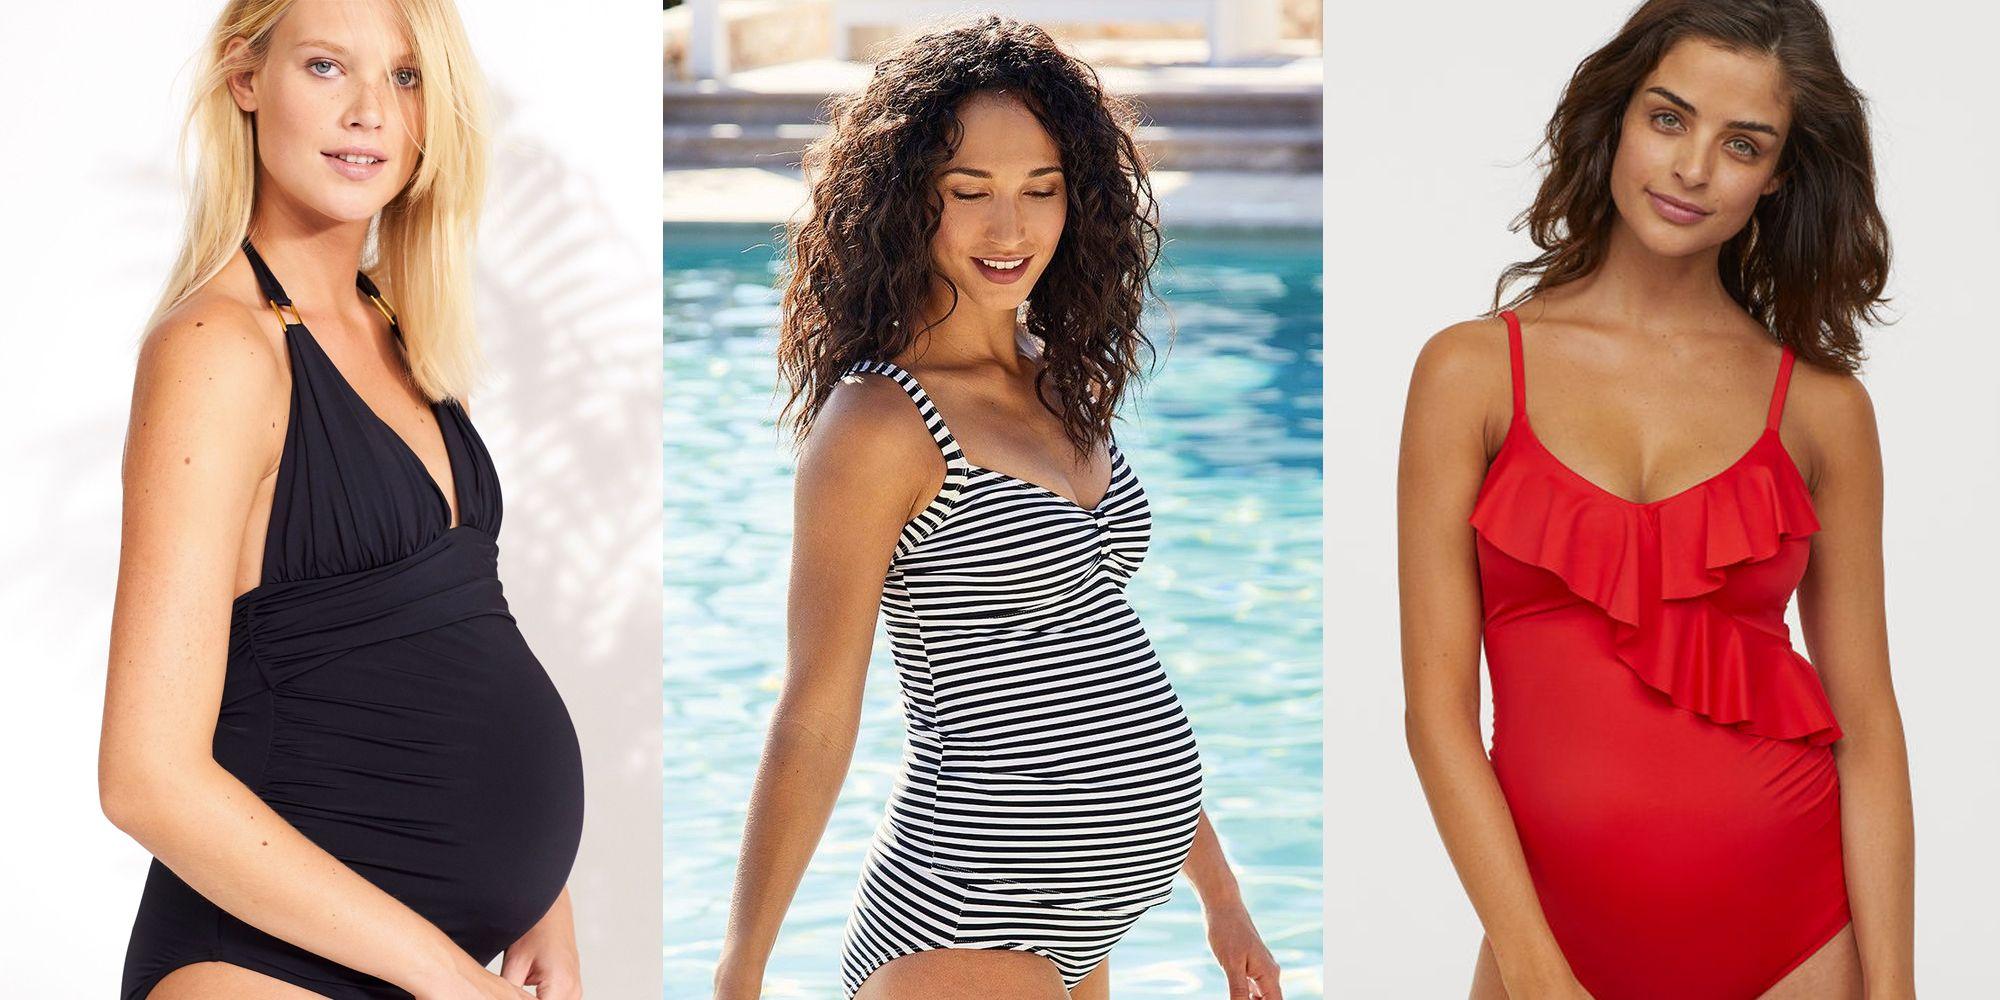 d3bf16b1f7 Maternity swimwear - Best maternity swimwear